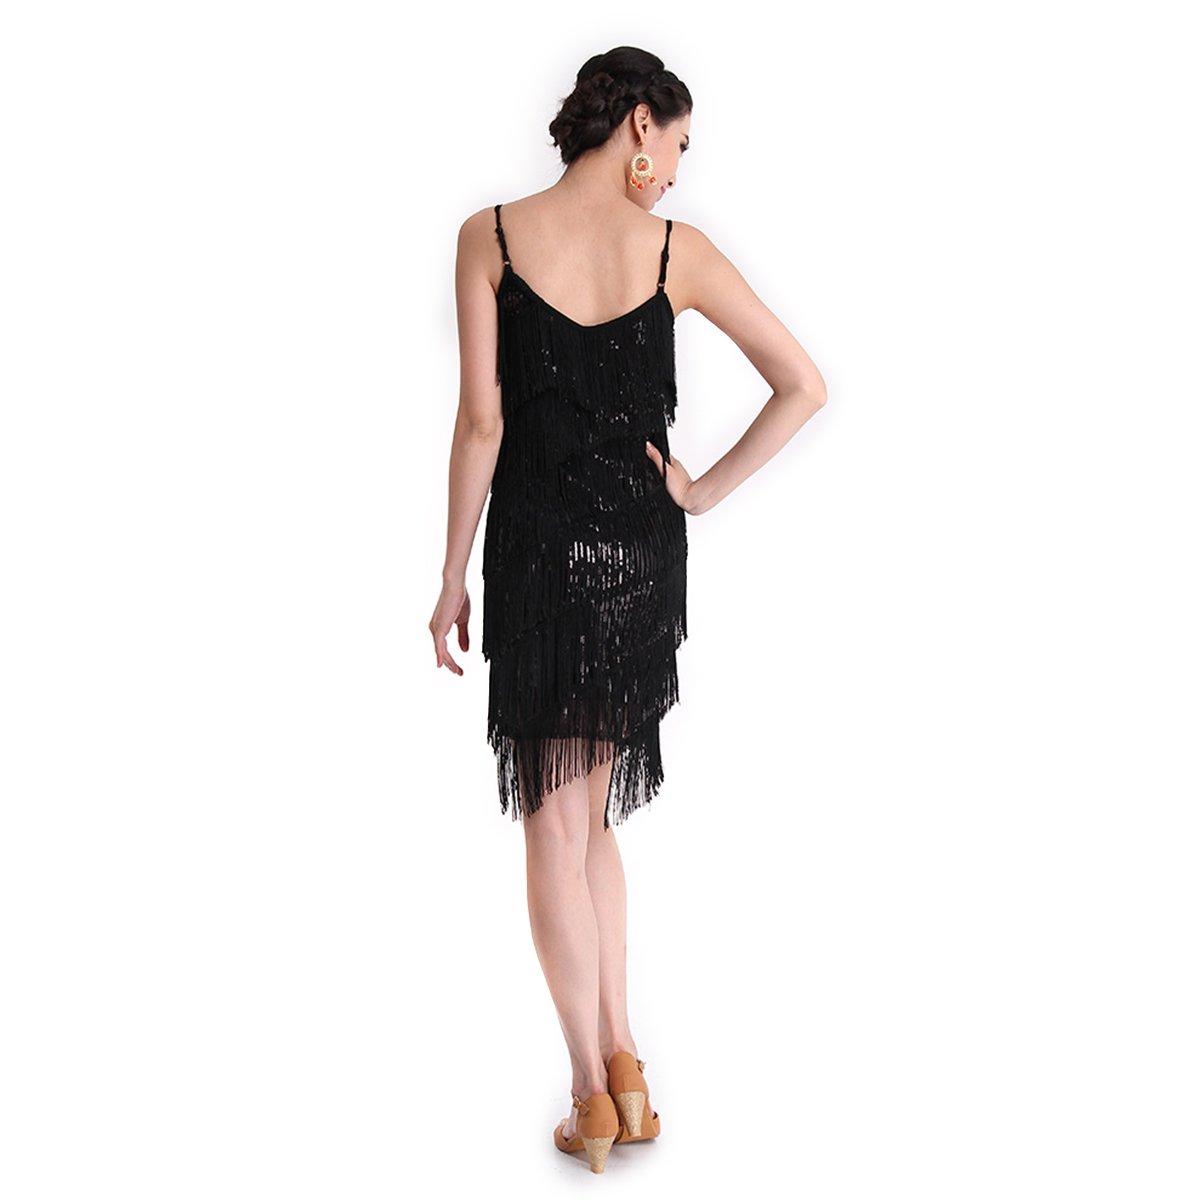 Danza Vestido CoastaCloud Mujer Concurso De Danza Vestido Tassle Latín Moderno Discoteca Rojo: Amazon.es: Deportes y aire libre